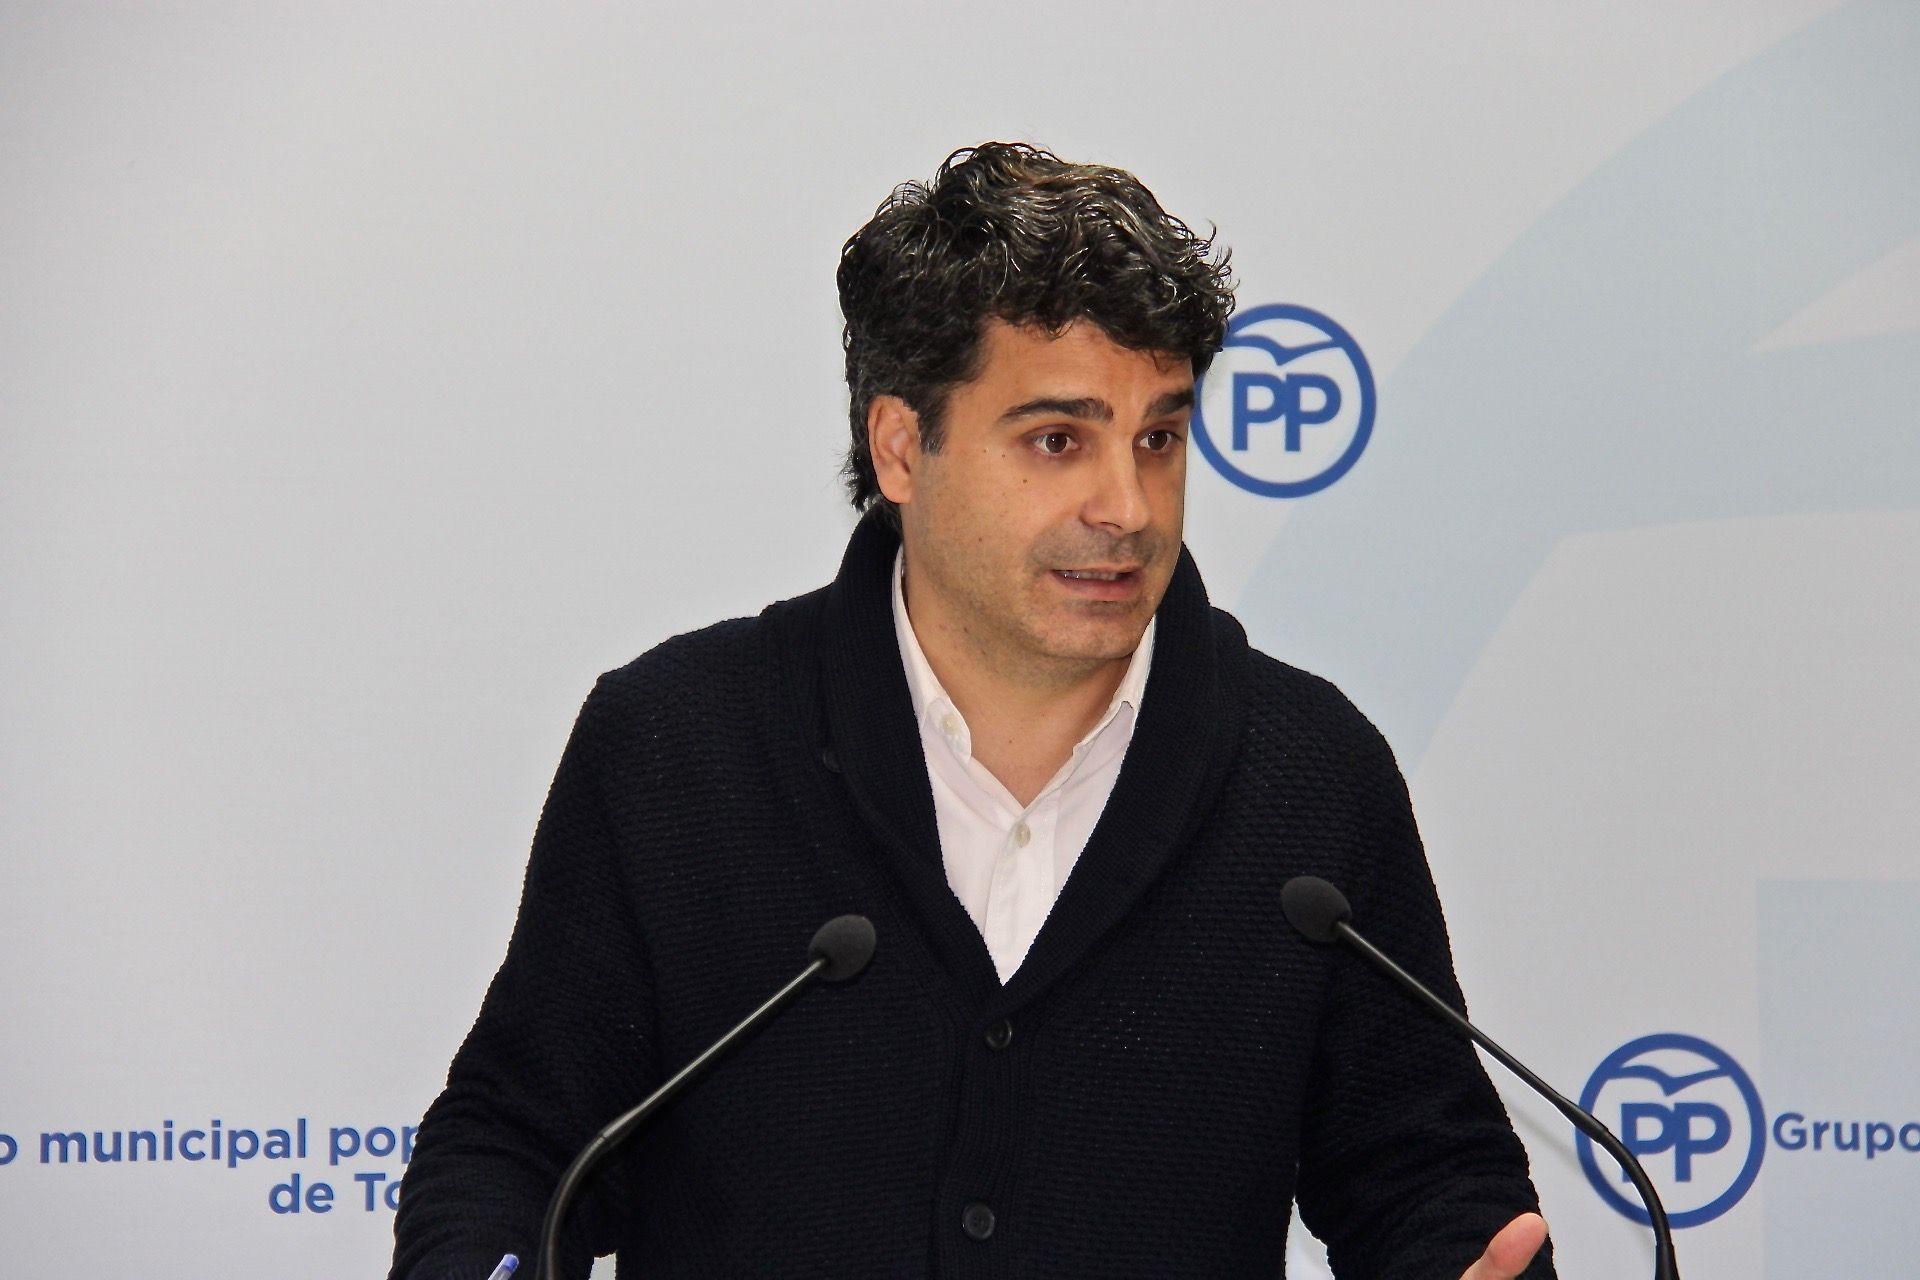 El PP pregunta a Tolón qué medidas tiene previsto tomar tras la declaración de la emergencia climática por parte del Gobierno de España